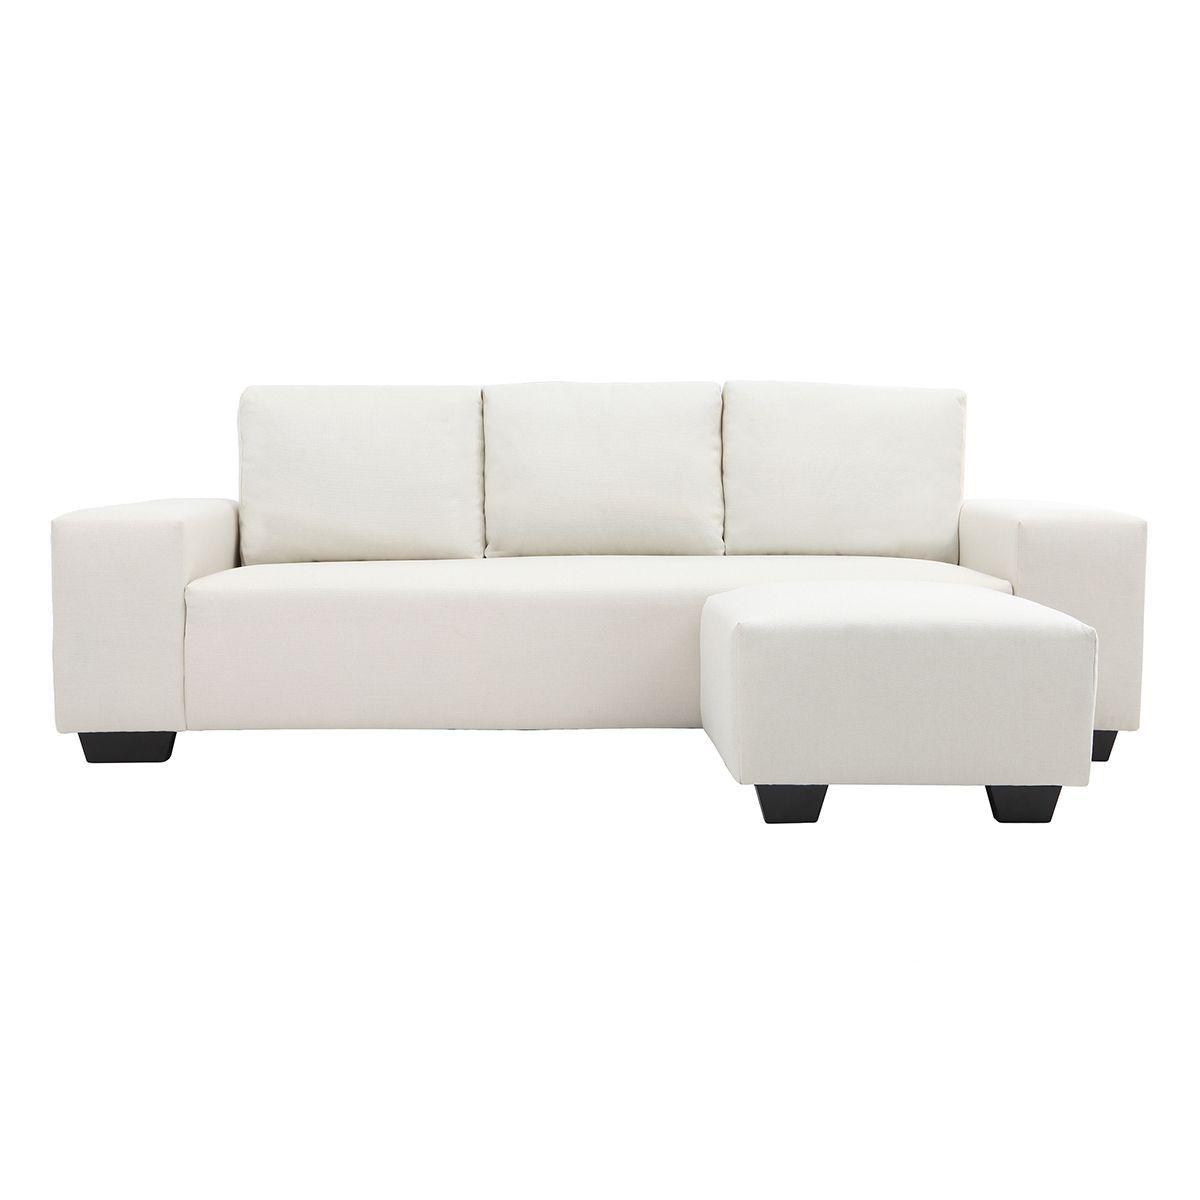 Canapé d'angle design en tissu naturel 3 places DEAUVILLE